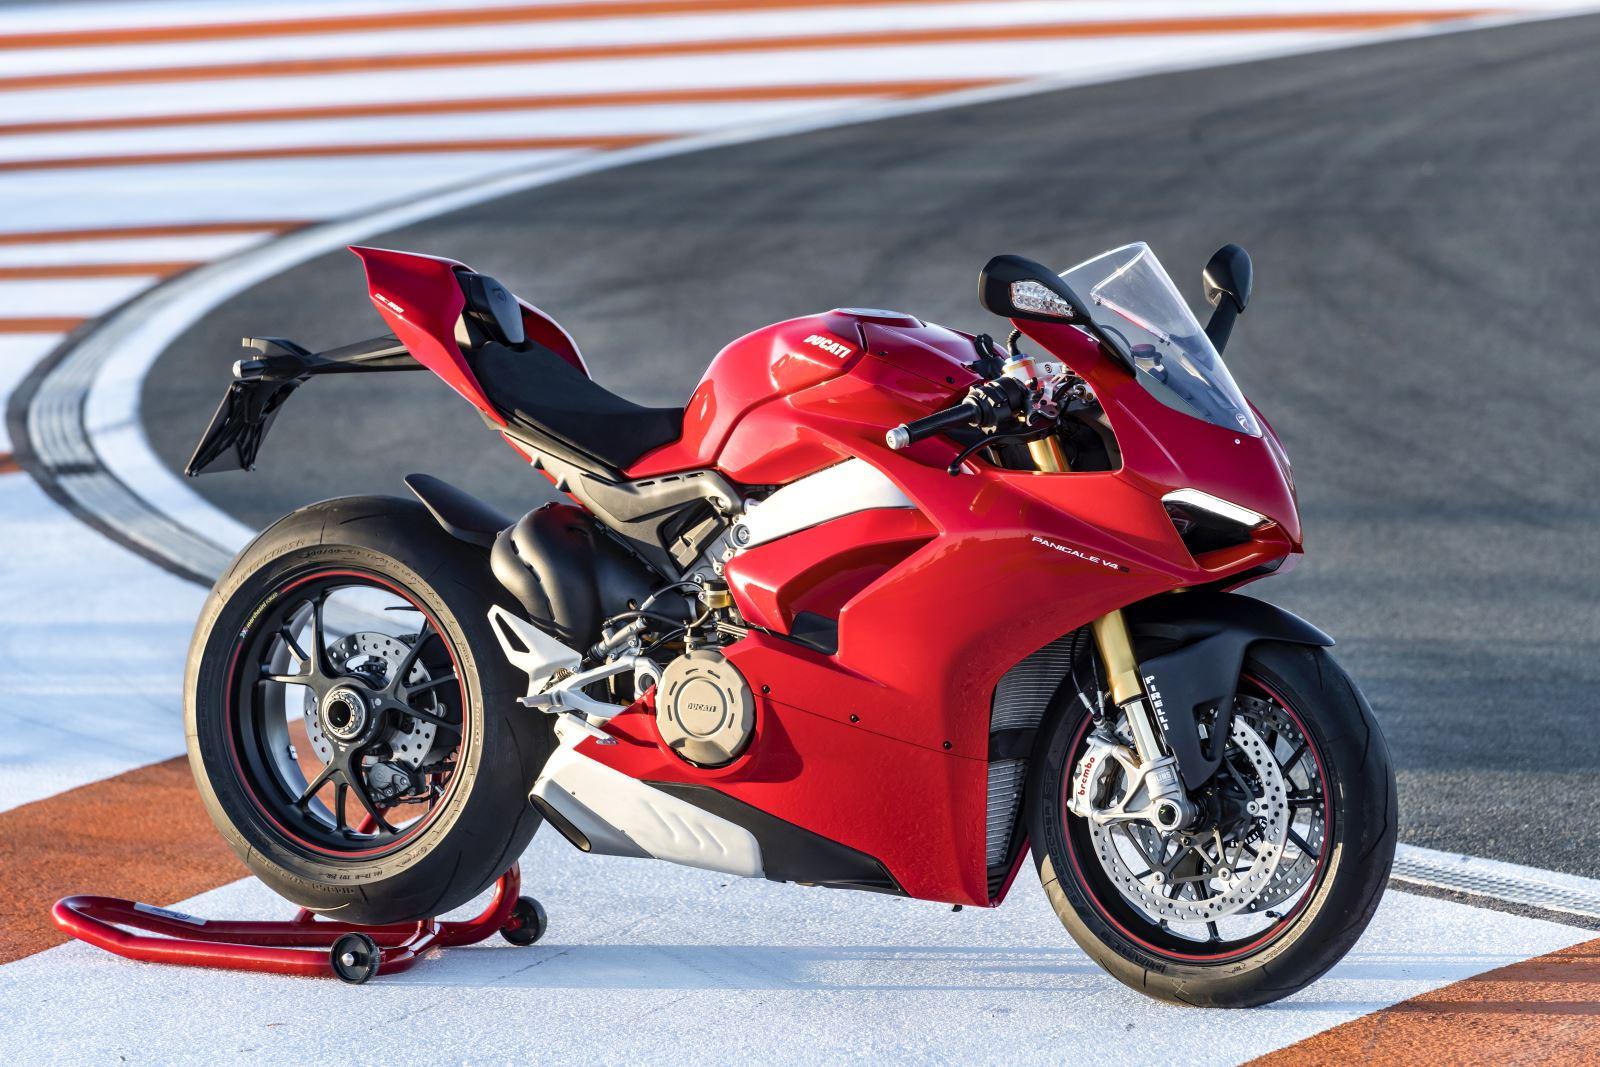 Ducati Panigale V4: Gerçekten Efsanesi Kadar İyi Mi? 11. İçerik Fotoğrafı